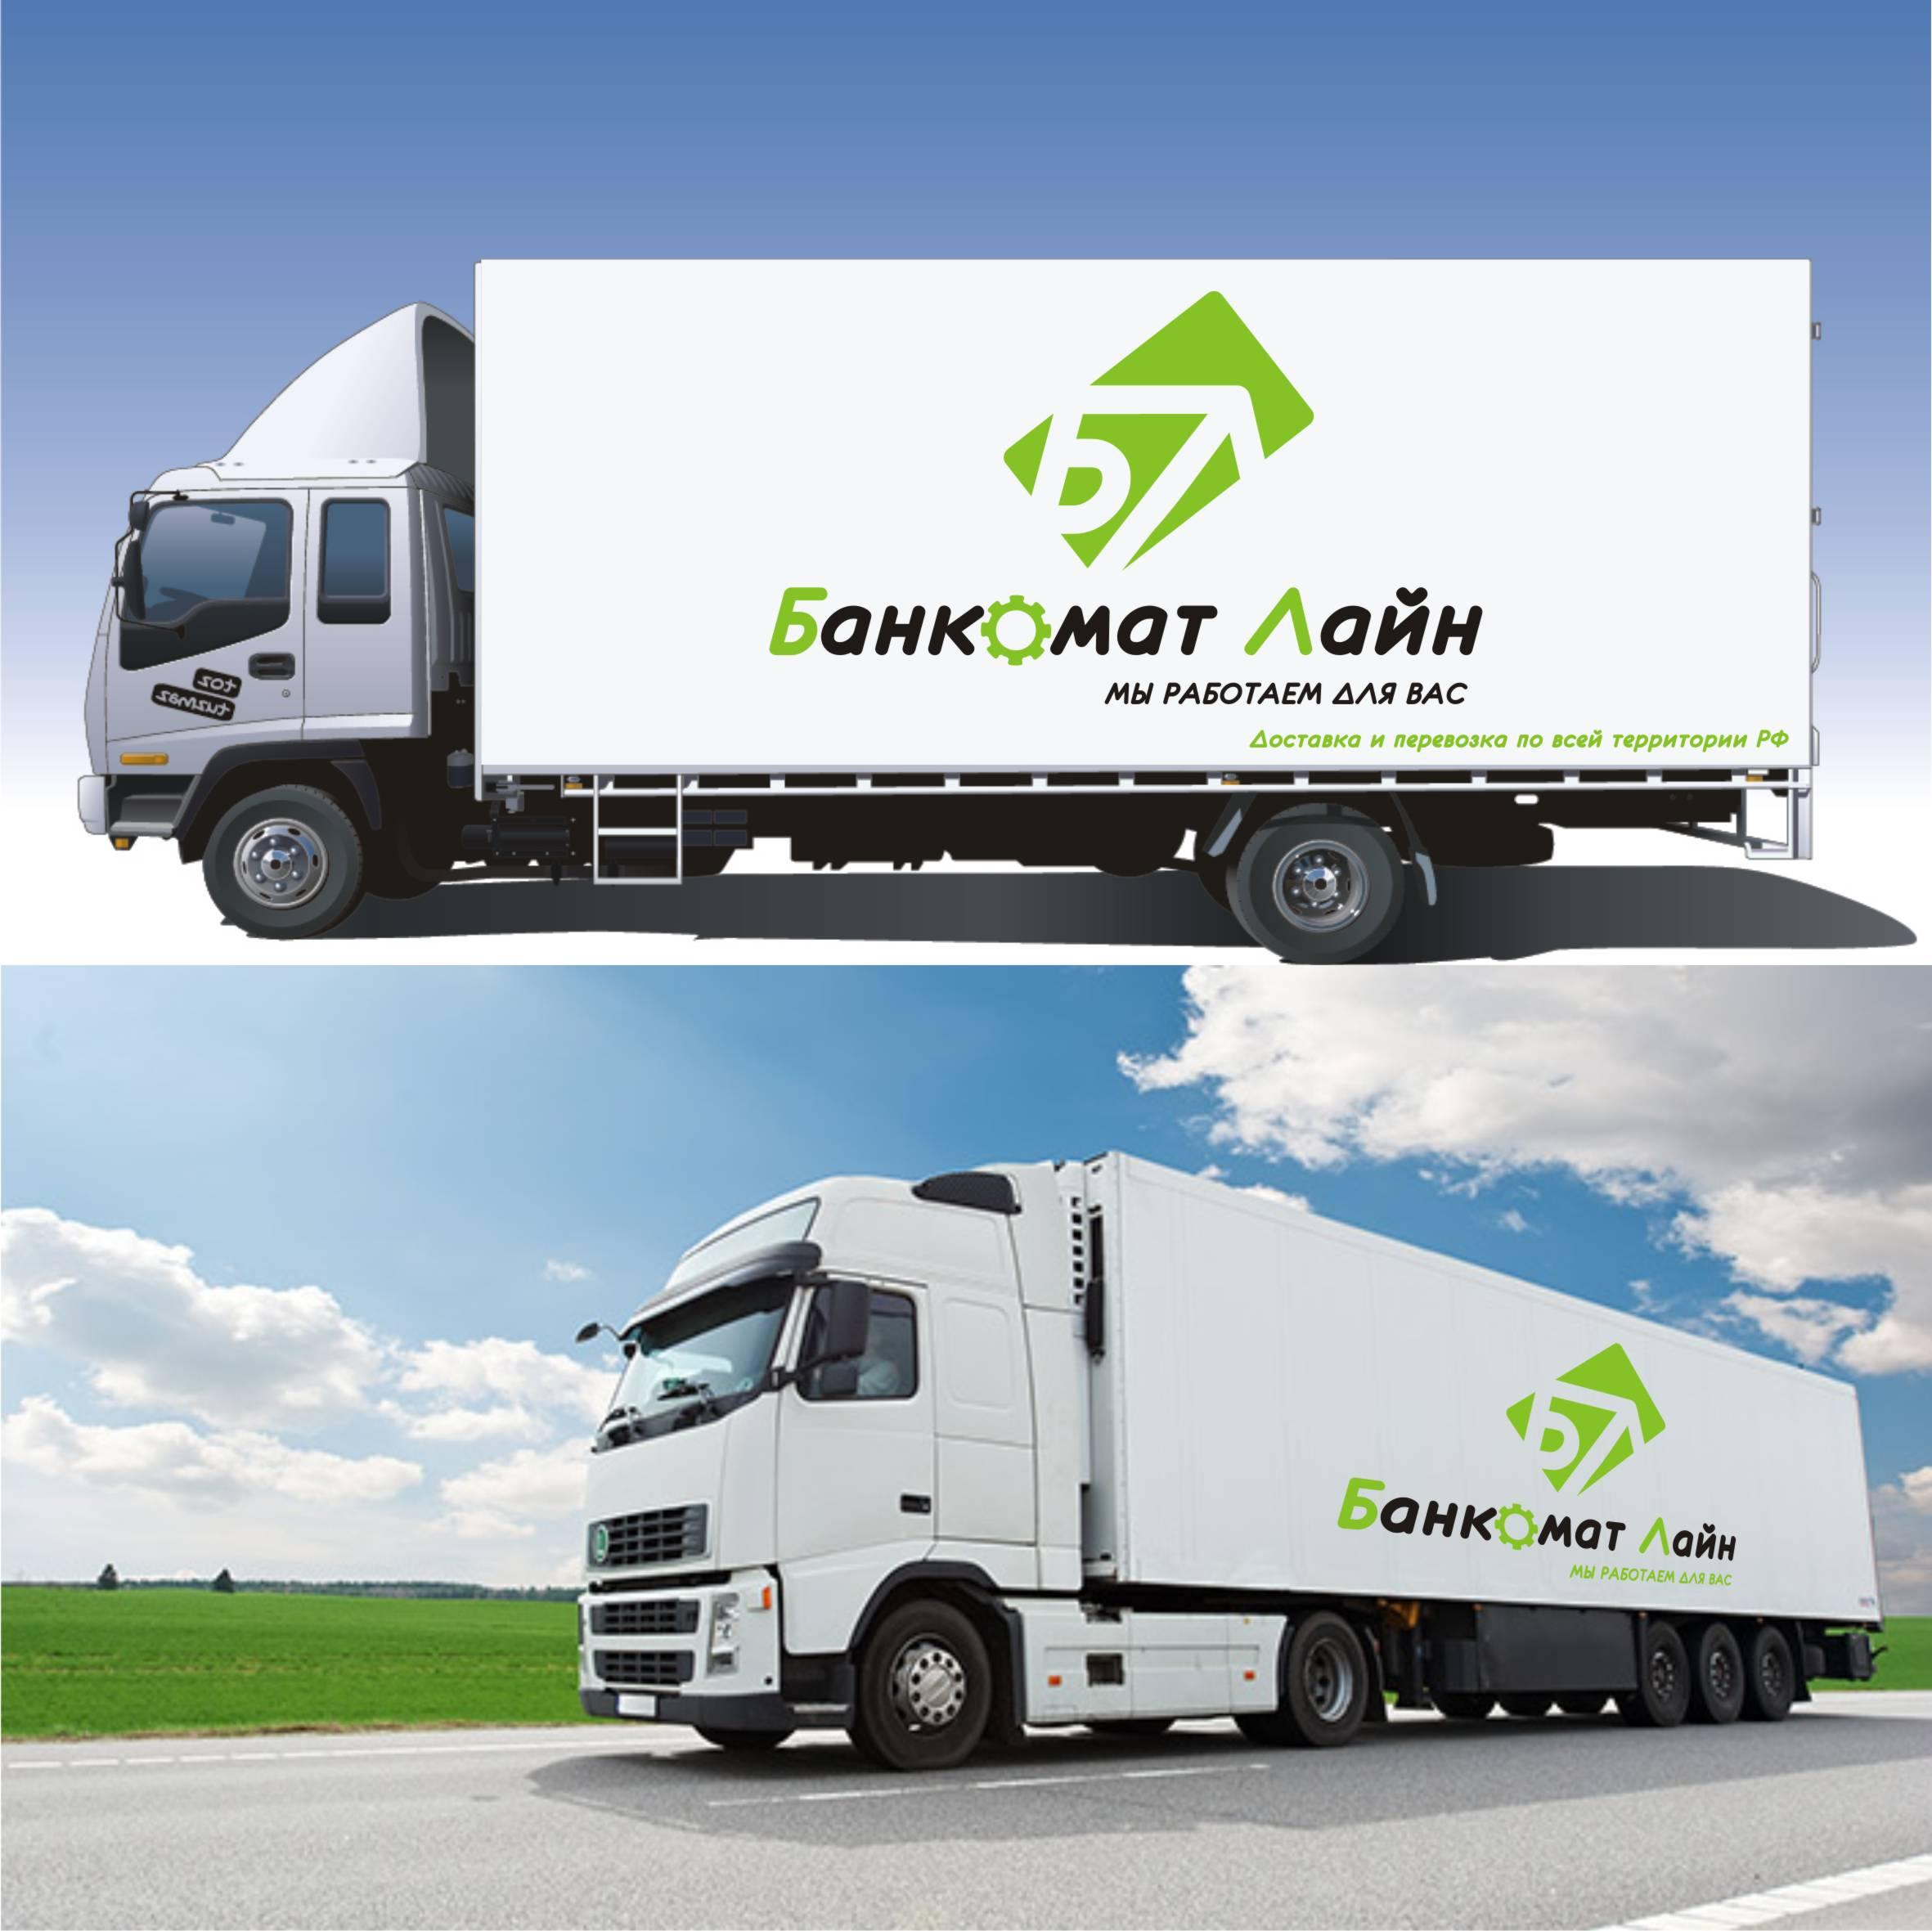 Разработка логотипа и слогана для транспортной компании фото f_25758789078eb5ed.jpg